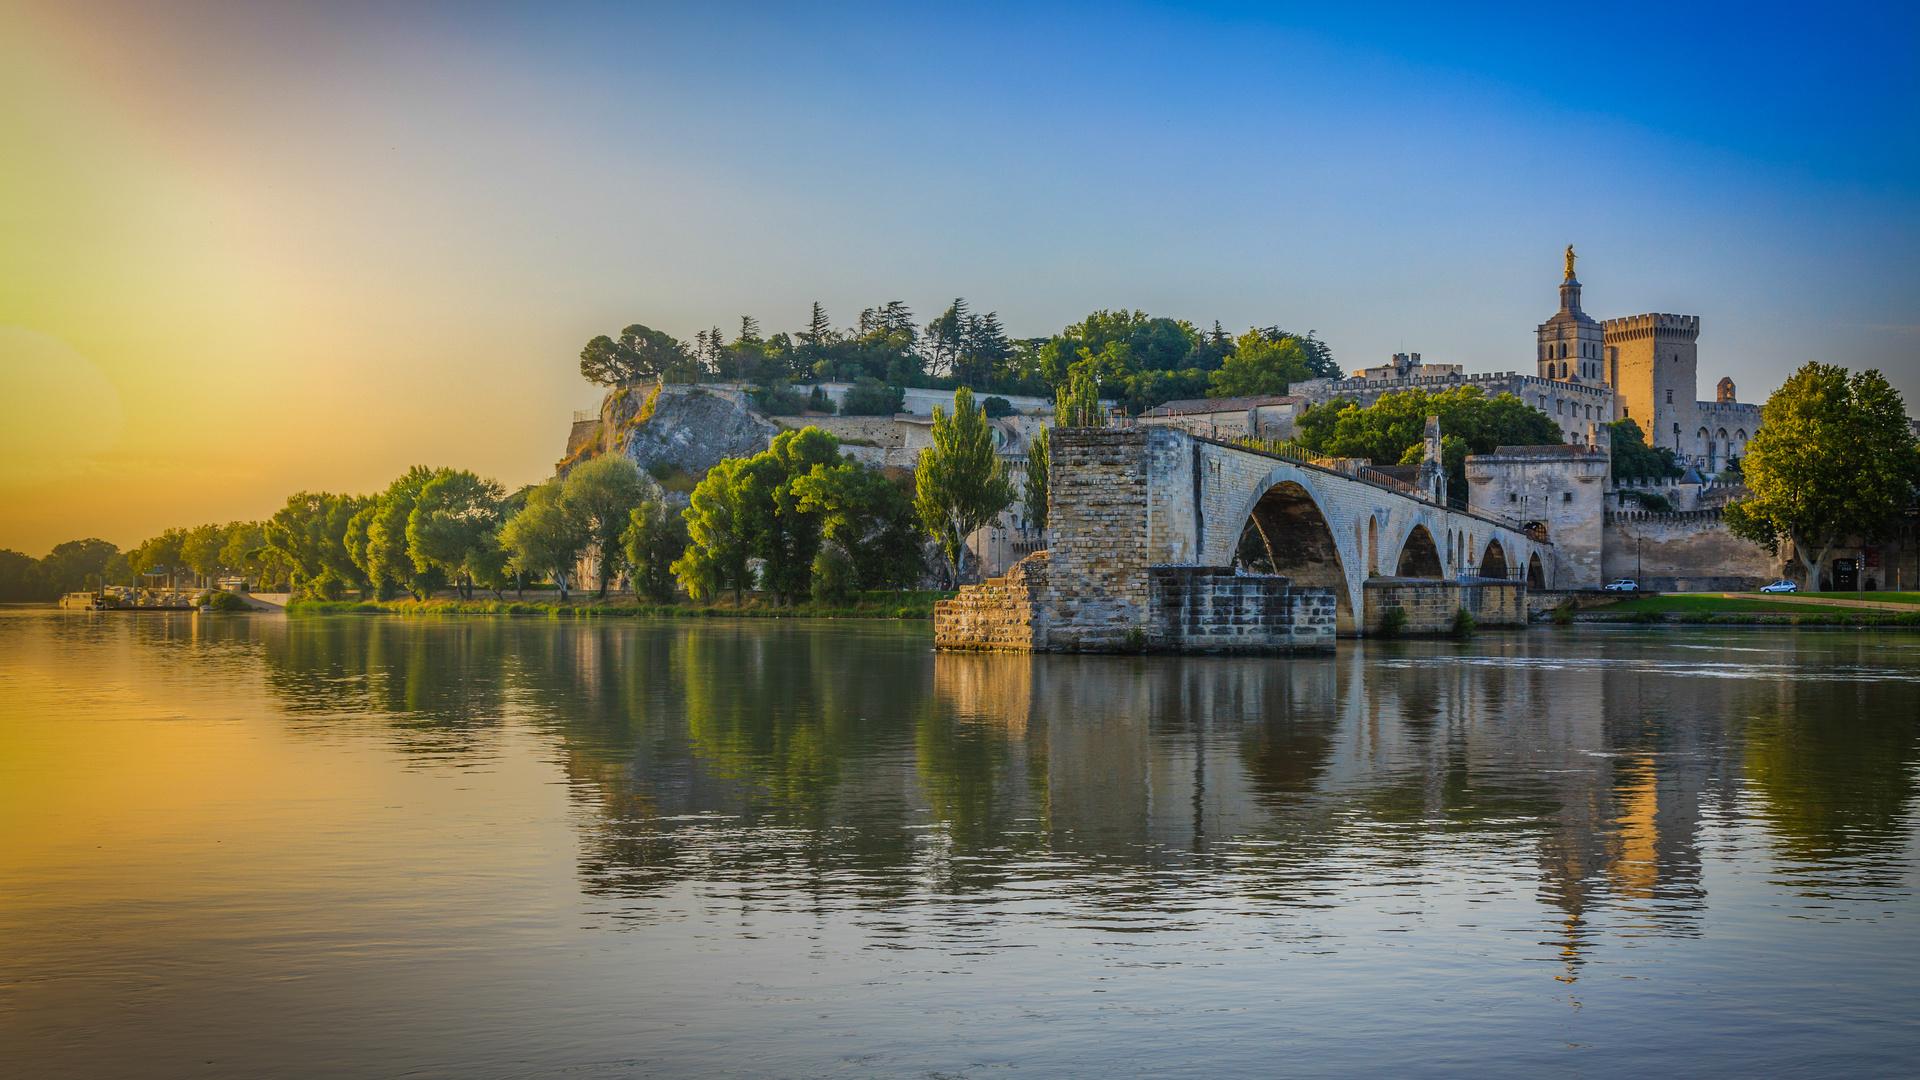 франция, авиньон, мост, река, берег, строения, небо, красота, города мира,